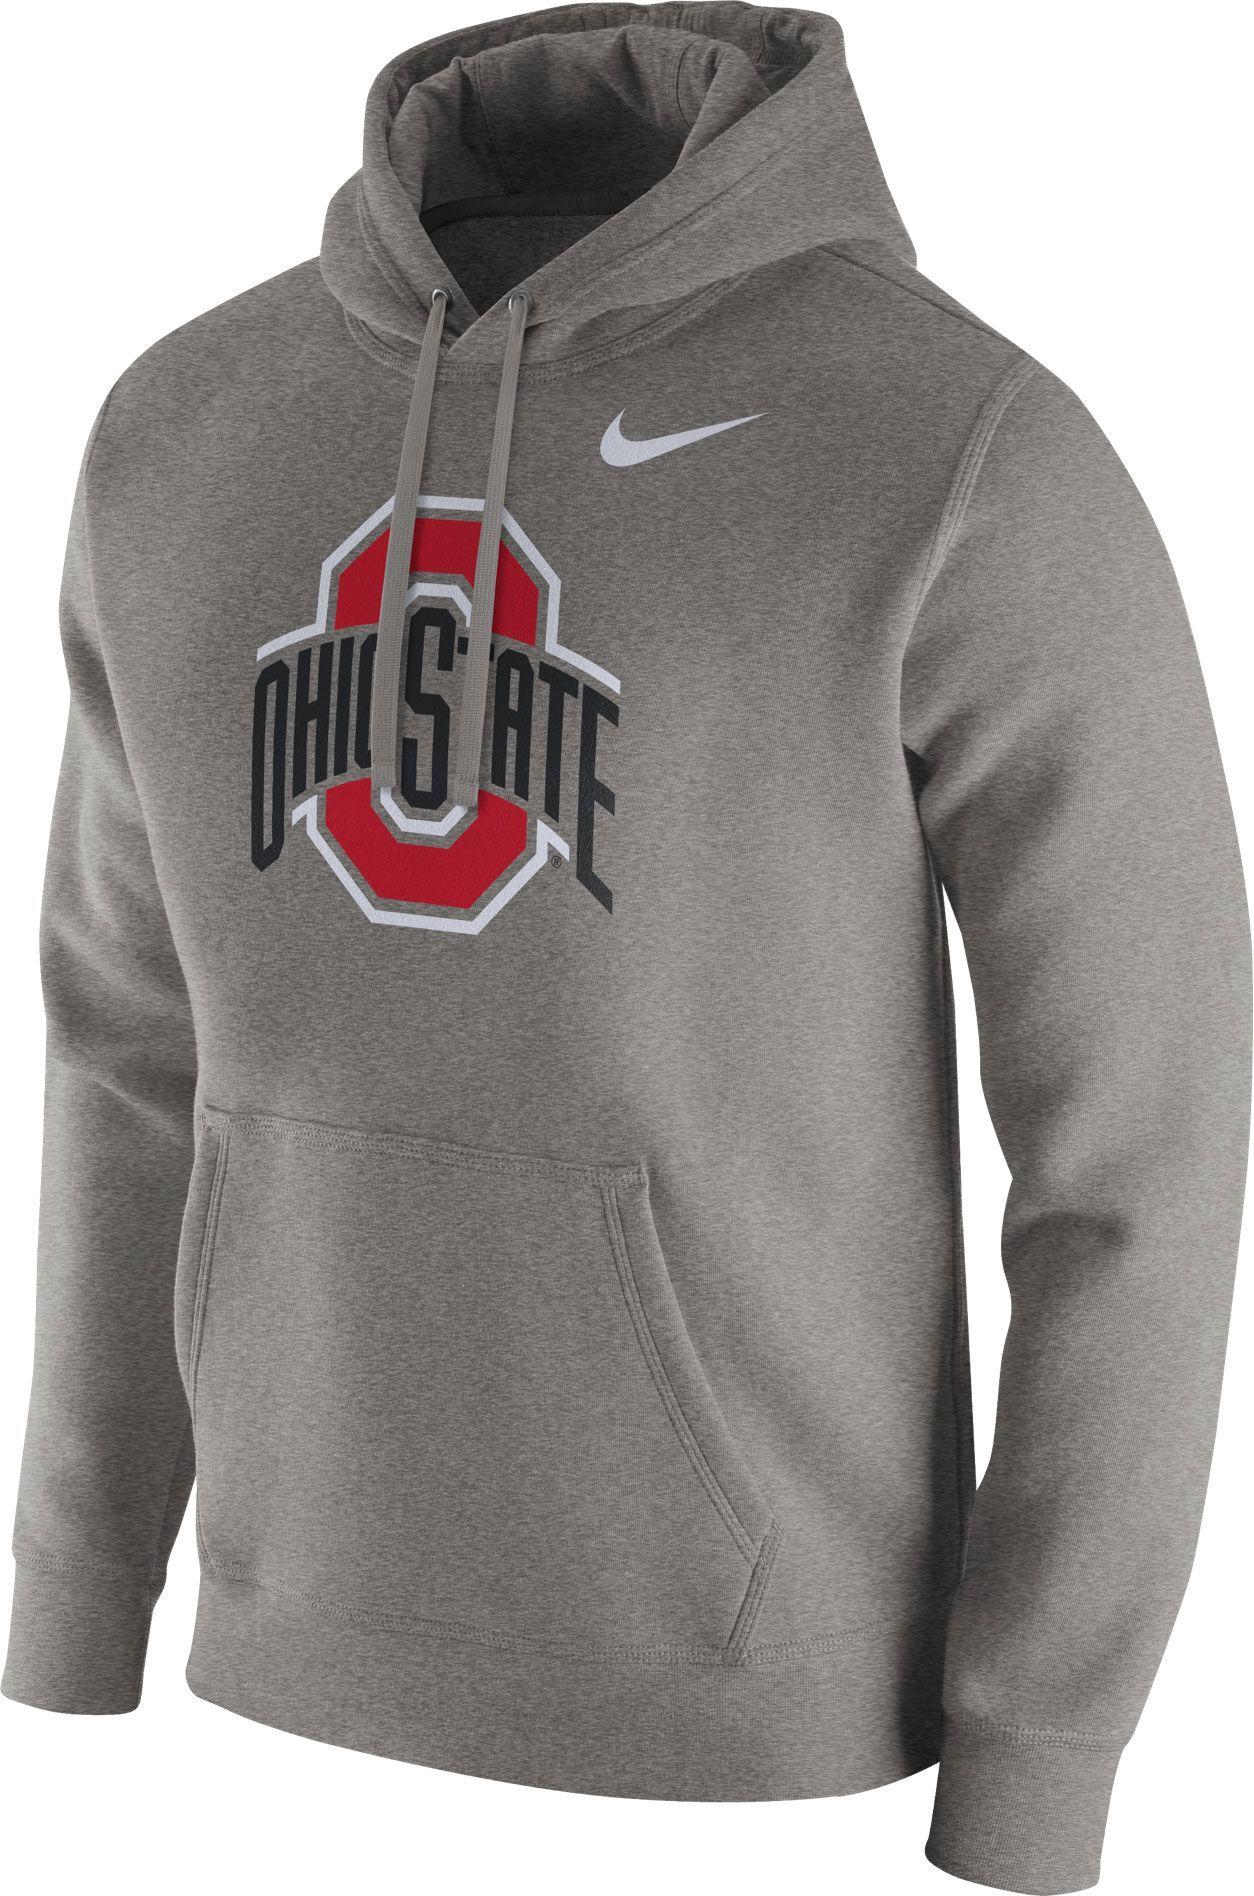 Nike Men s Ohio State Buckeyes Gray Club Fleece Hoodie 59efc3471